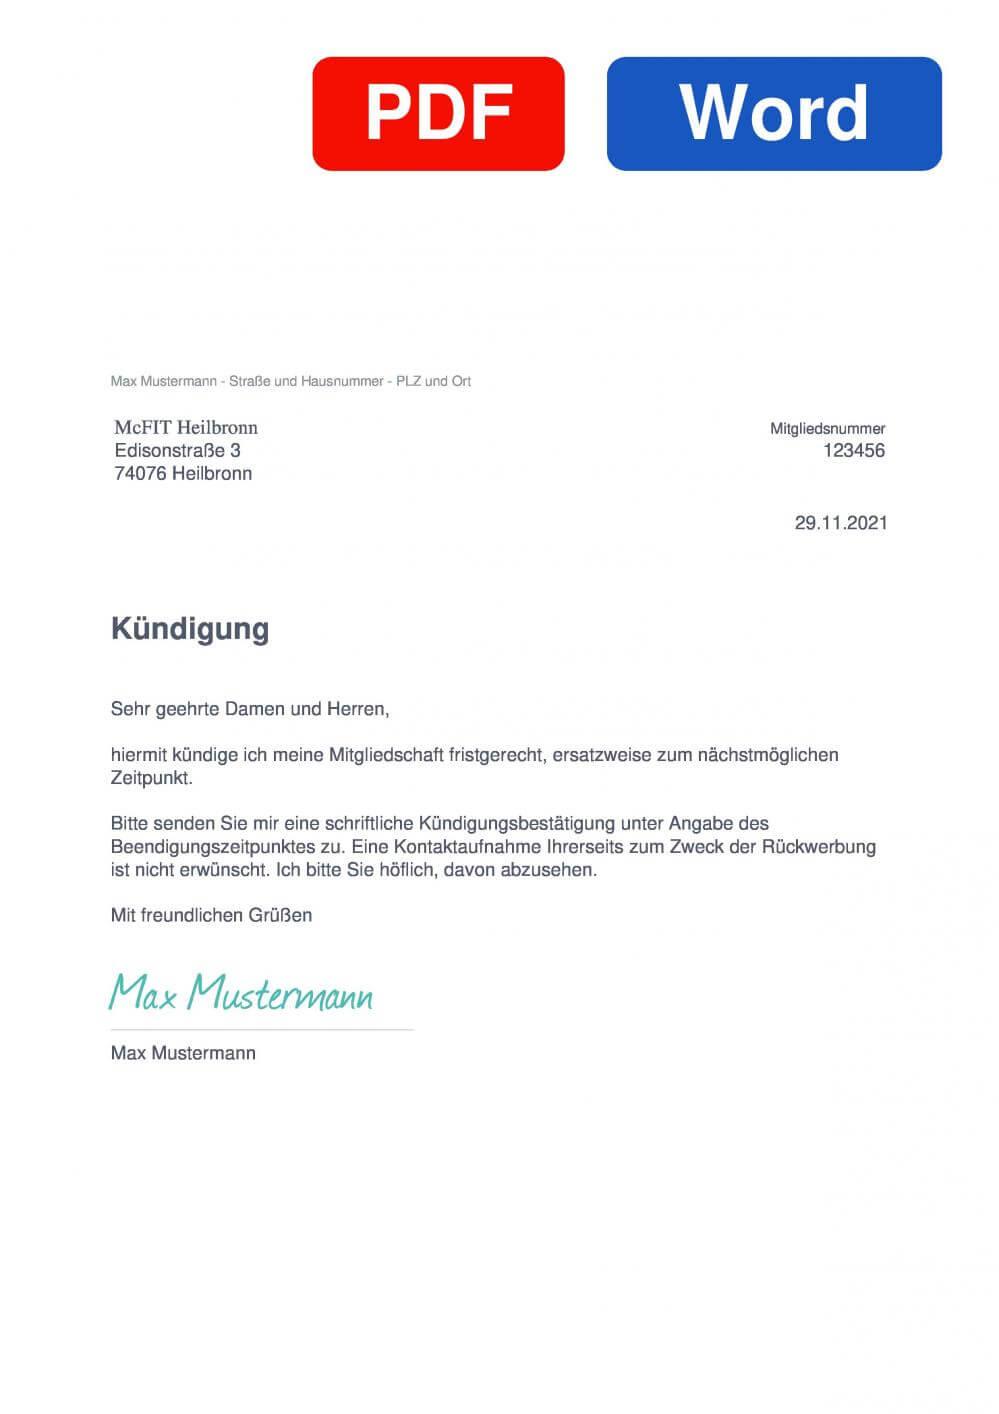 McFIT Heilbronn Muster Vorlage für Kündigungsschreiben